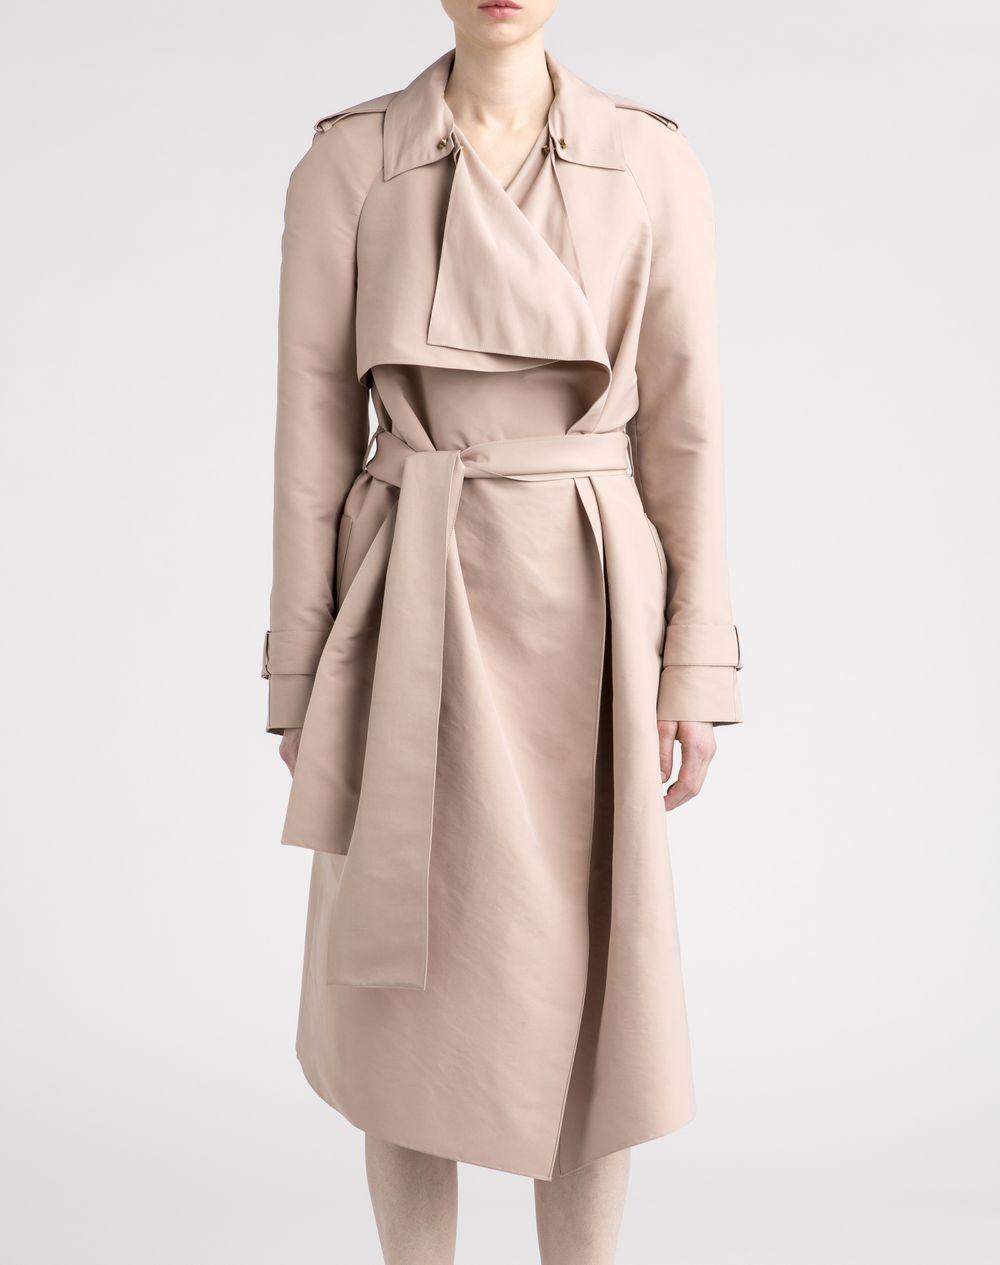 3426f8e6bd20 Manteau Avec Ceinture Taille, Manteau Femme   Boutique en ligne